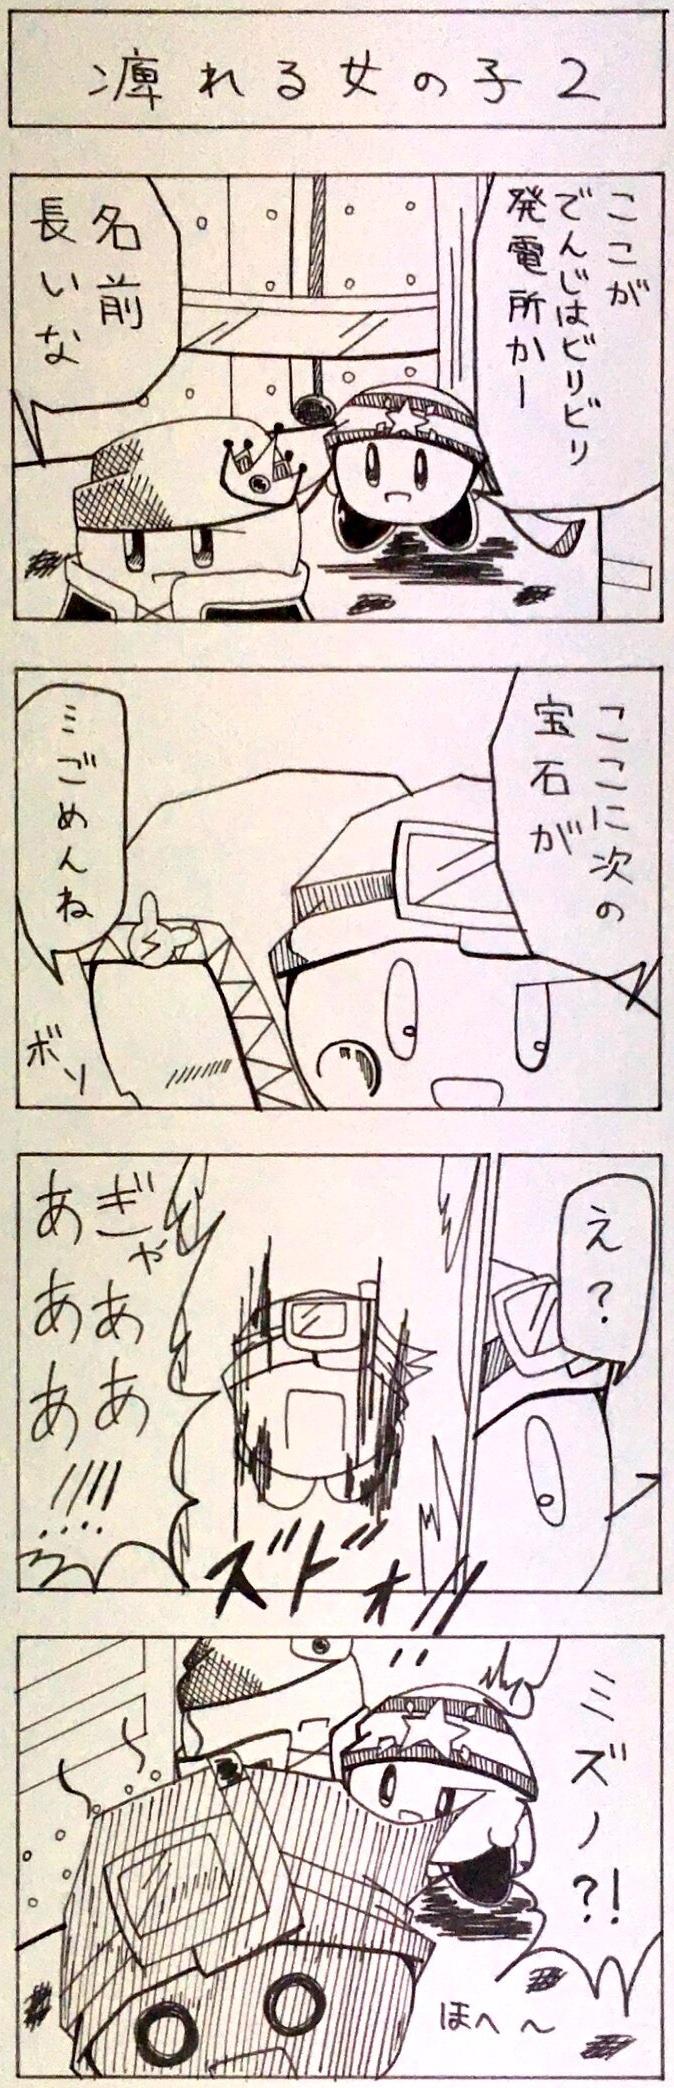 Believe Story 4-2